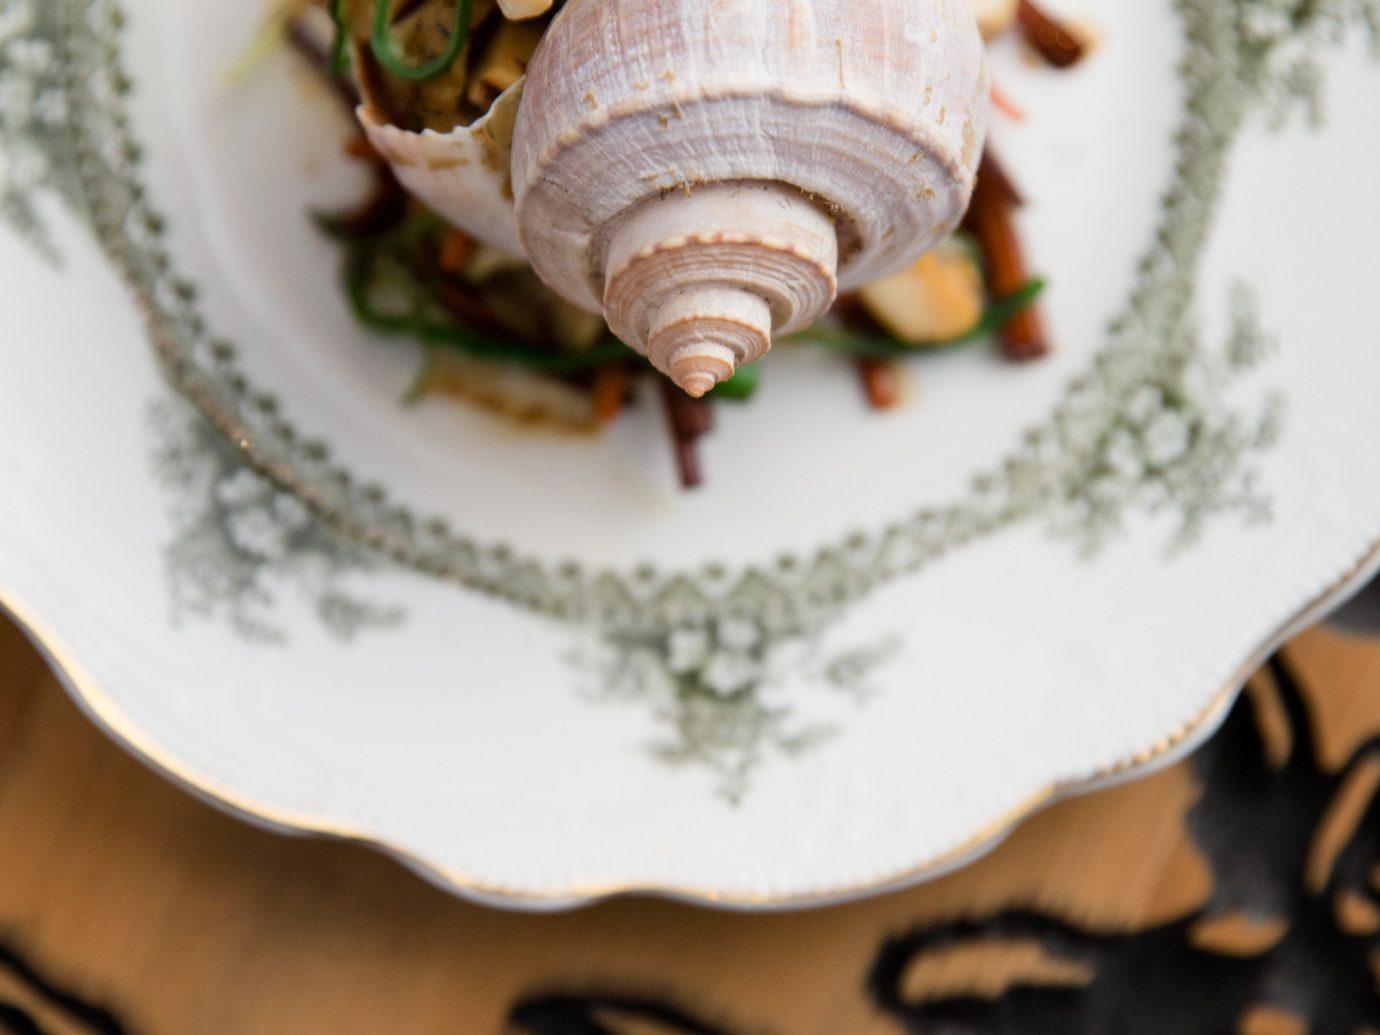 Food + Drink plate food dish flower produce dessert porcelain